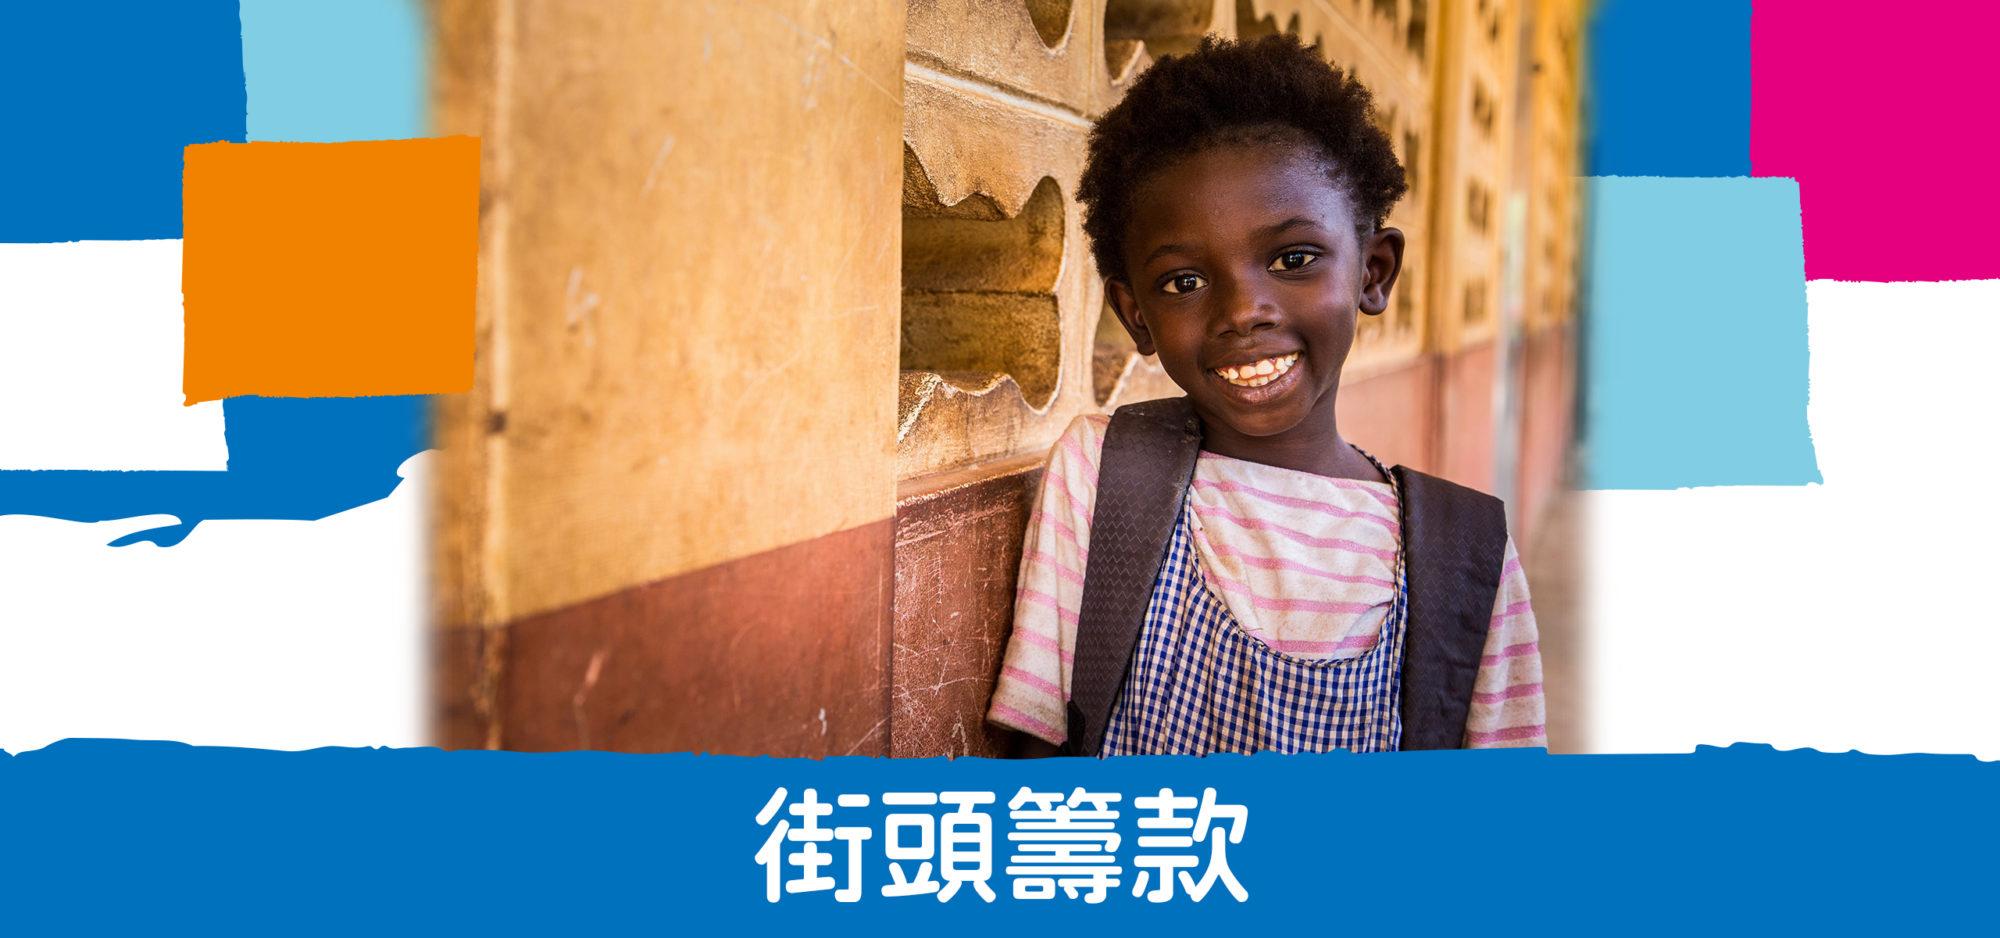 街頭籌款 | 國際培幼會